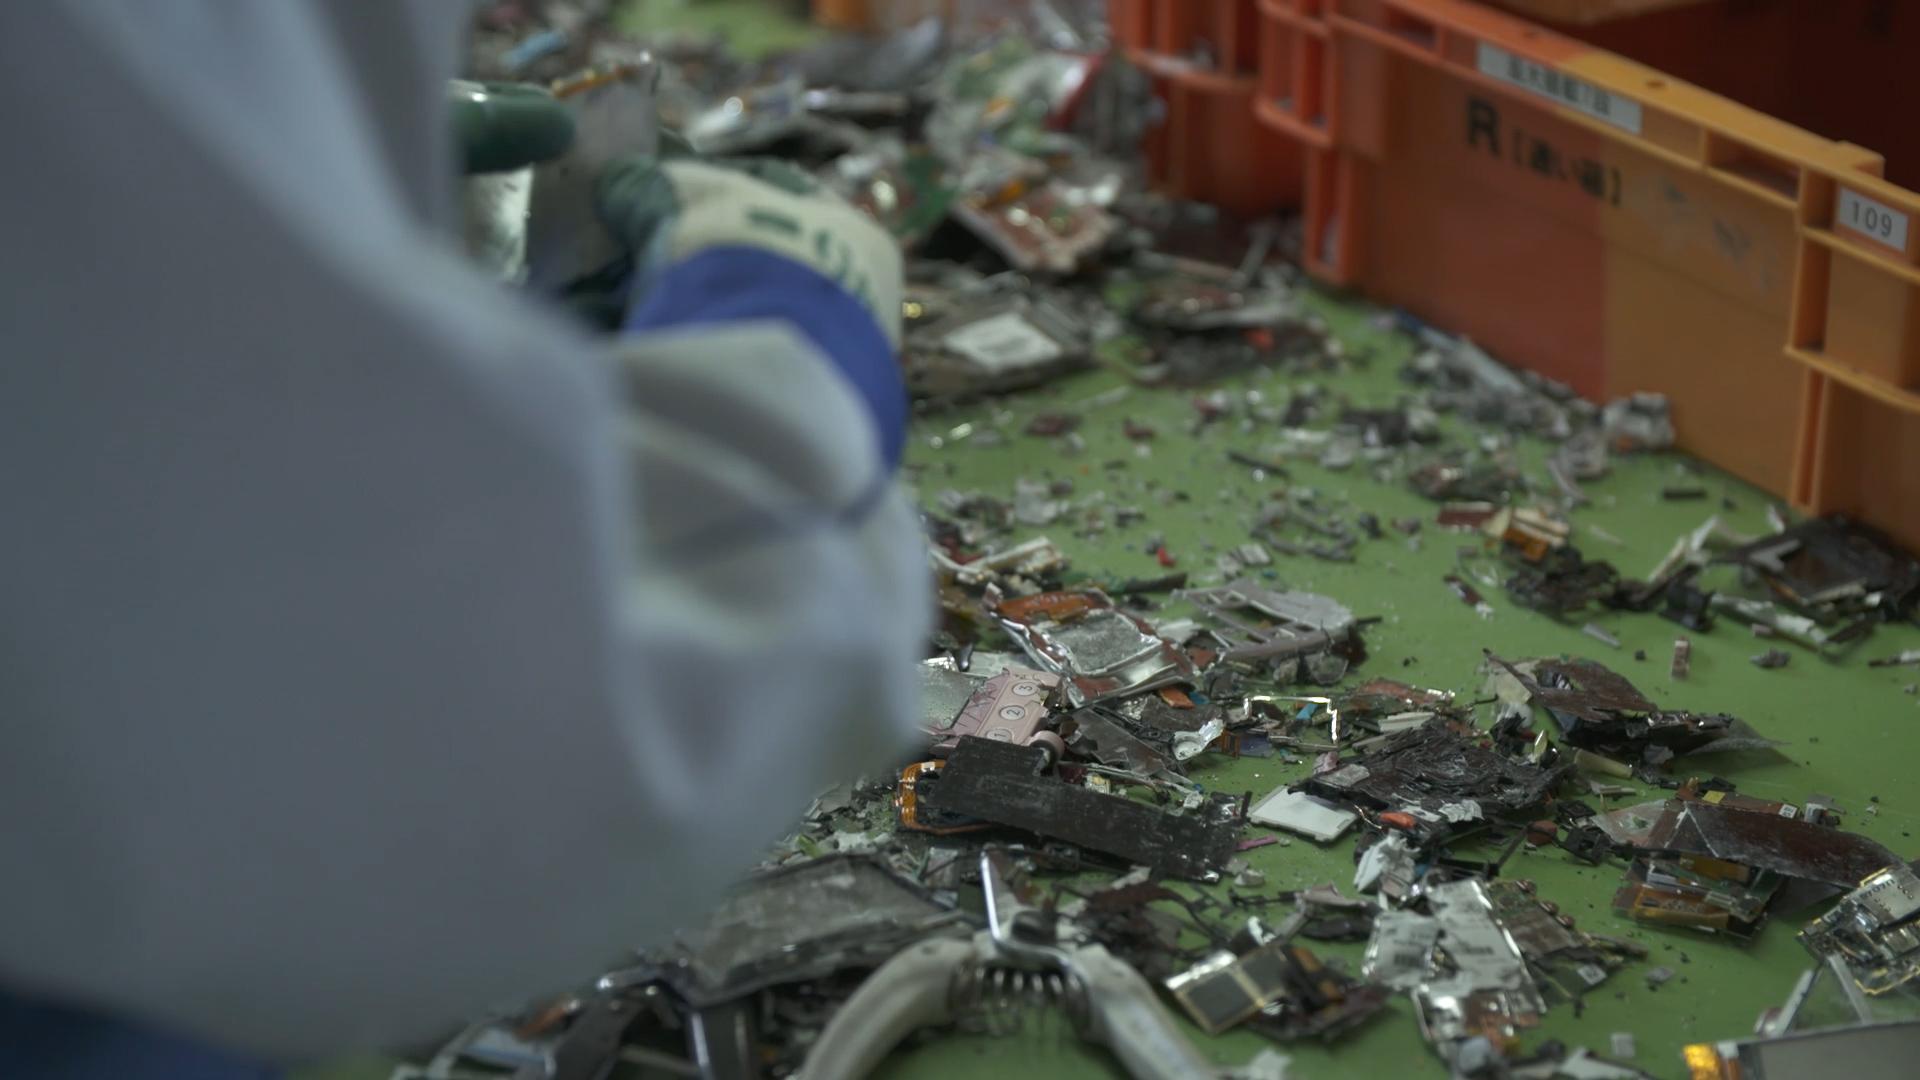 全民参与变废为宝!东京奥运会奖牌所需金属收集提炼完成